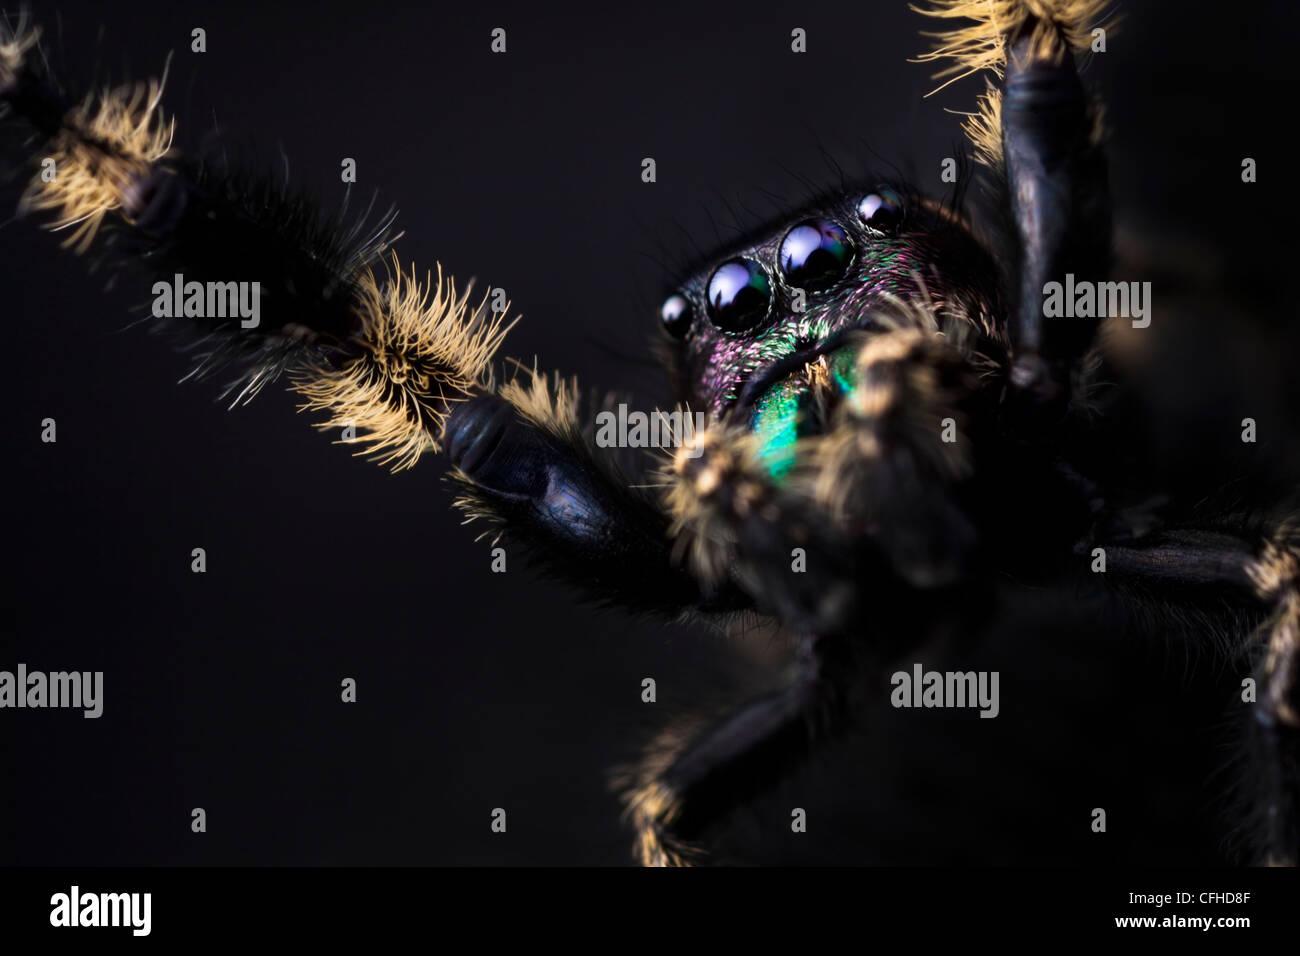 Baldachin Jumping Spider männlichen Gefangenen, aus Nordamerika stammende. Größe 1cm < Stockbild